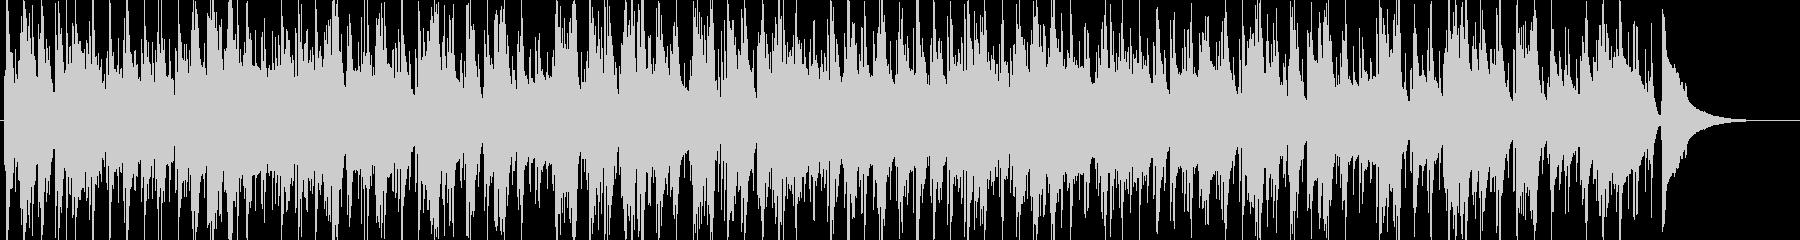 ゆったりとしたjazz=カフェ-トリオの未再生の波形